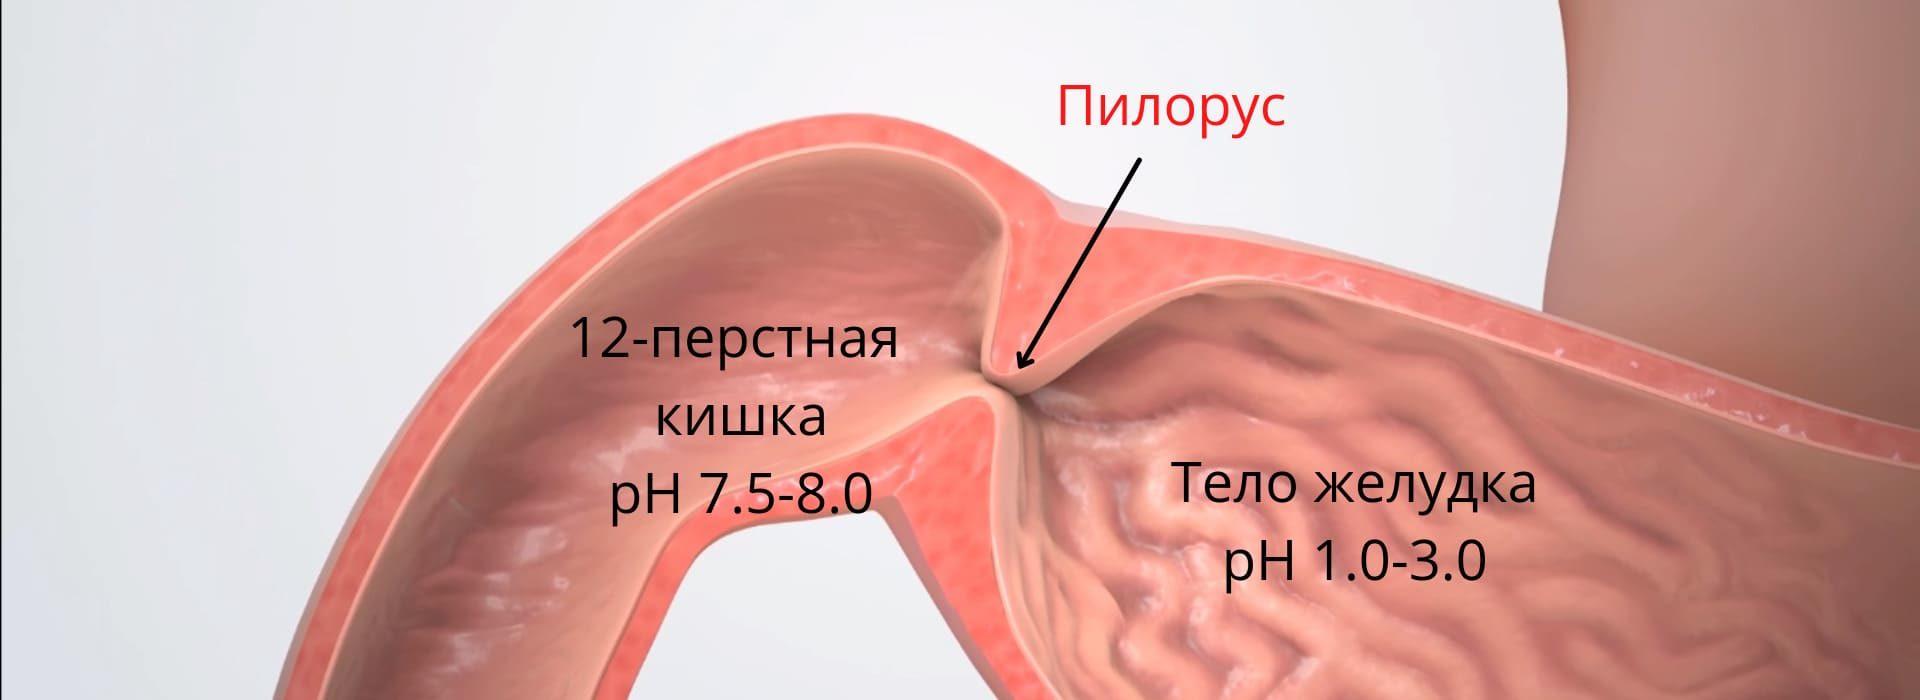 Клапан желудка не закрывается: причины и последствия